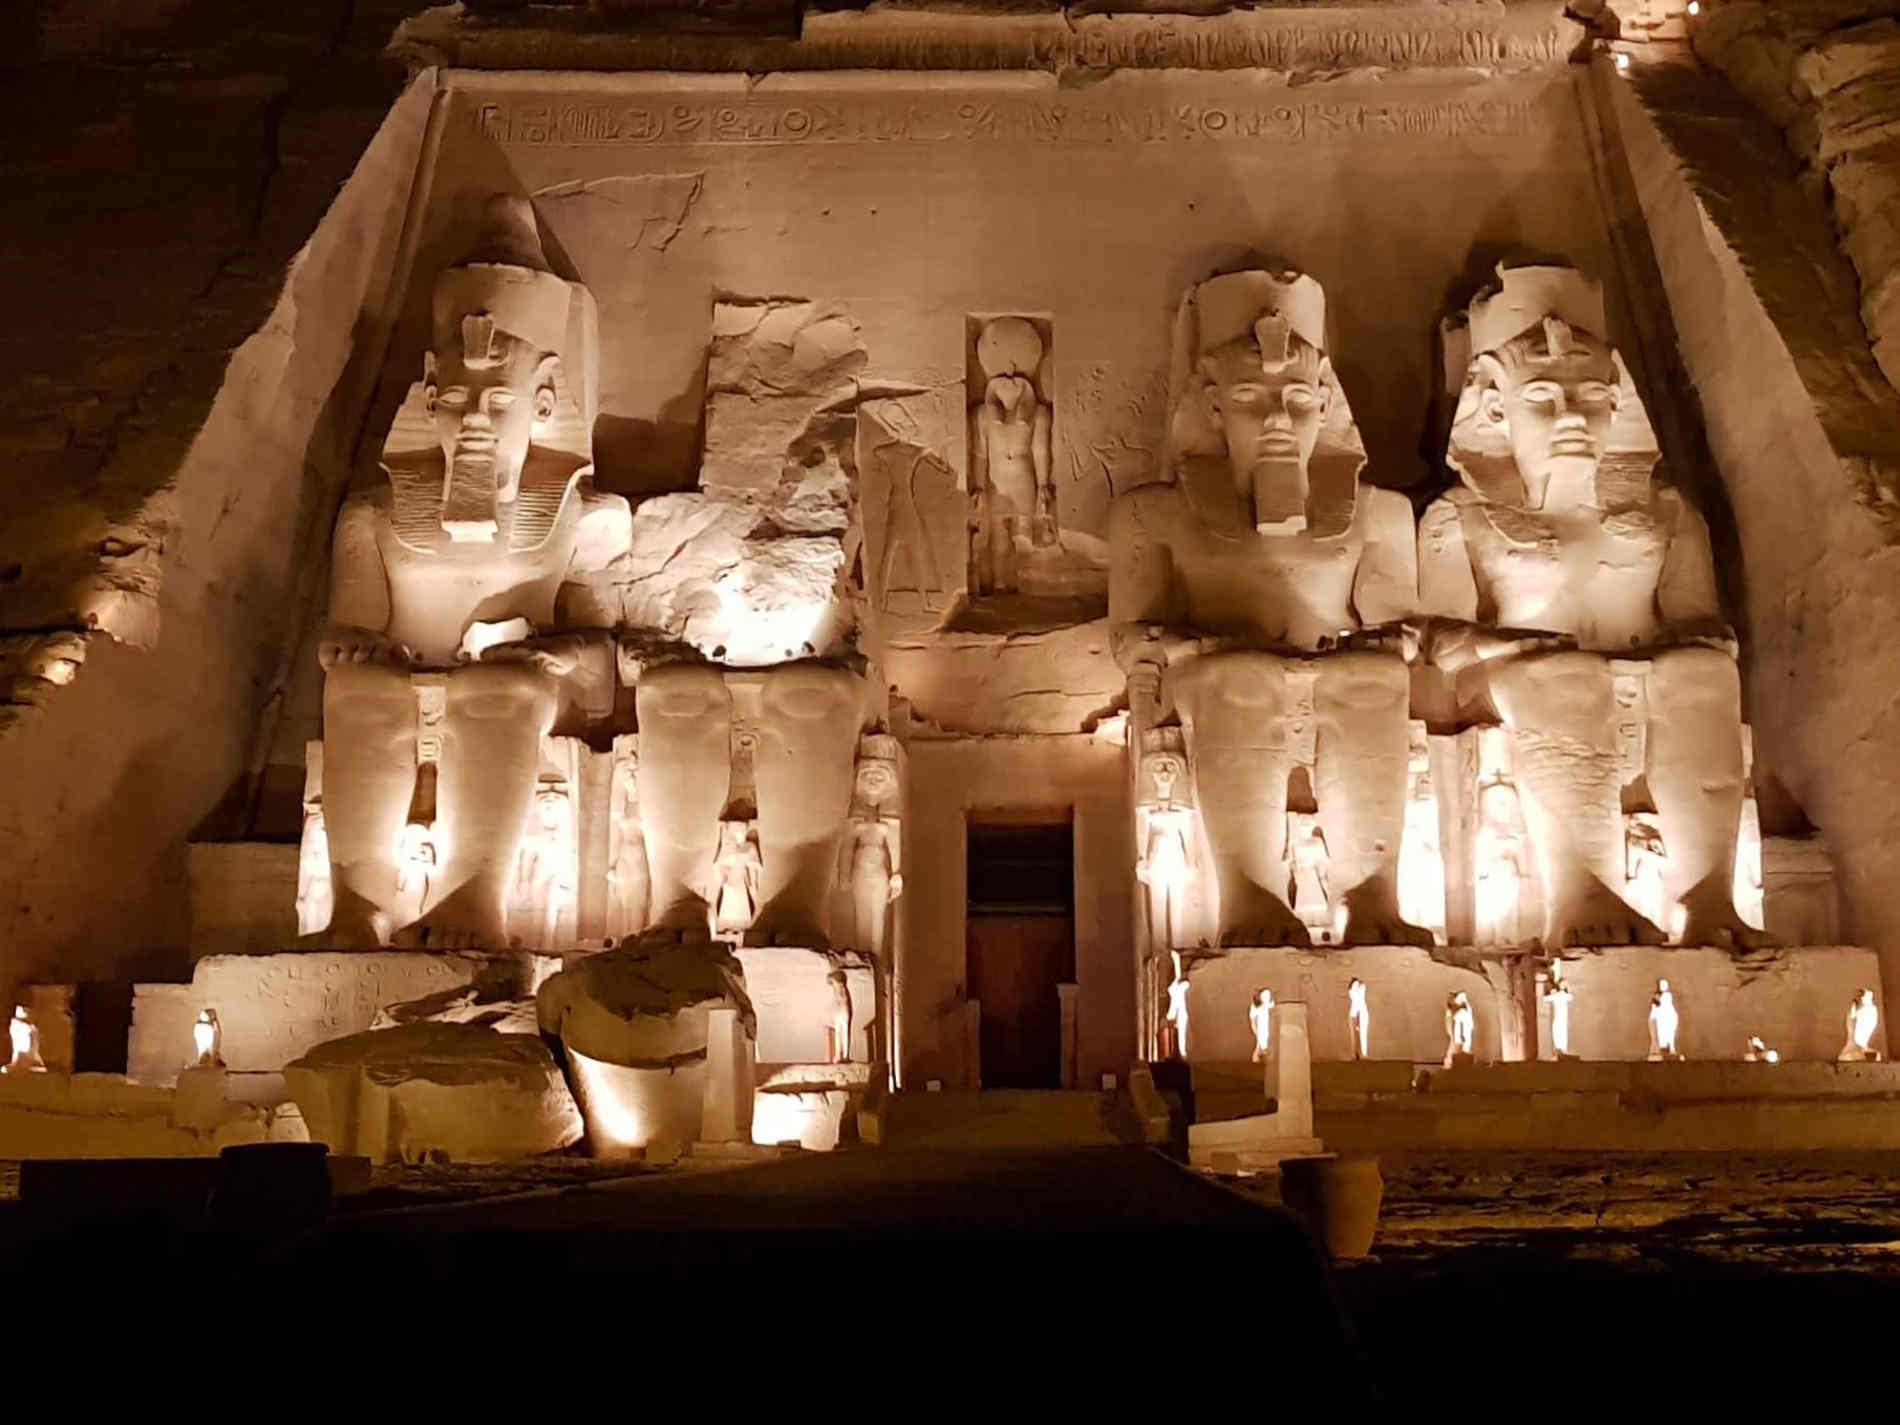 empio grande di Abu Simbel illuminato